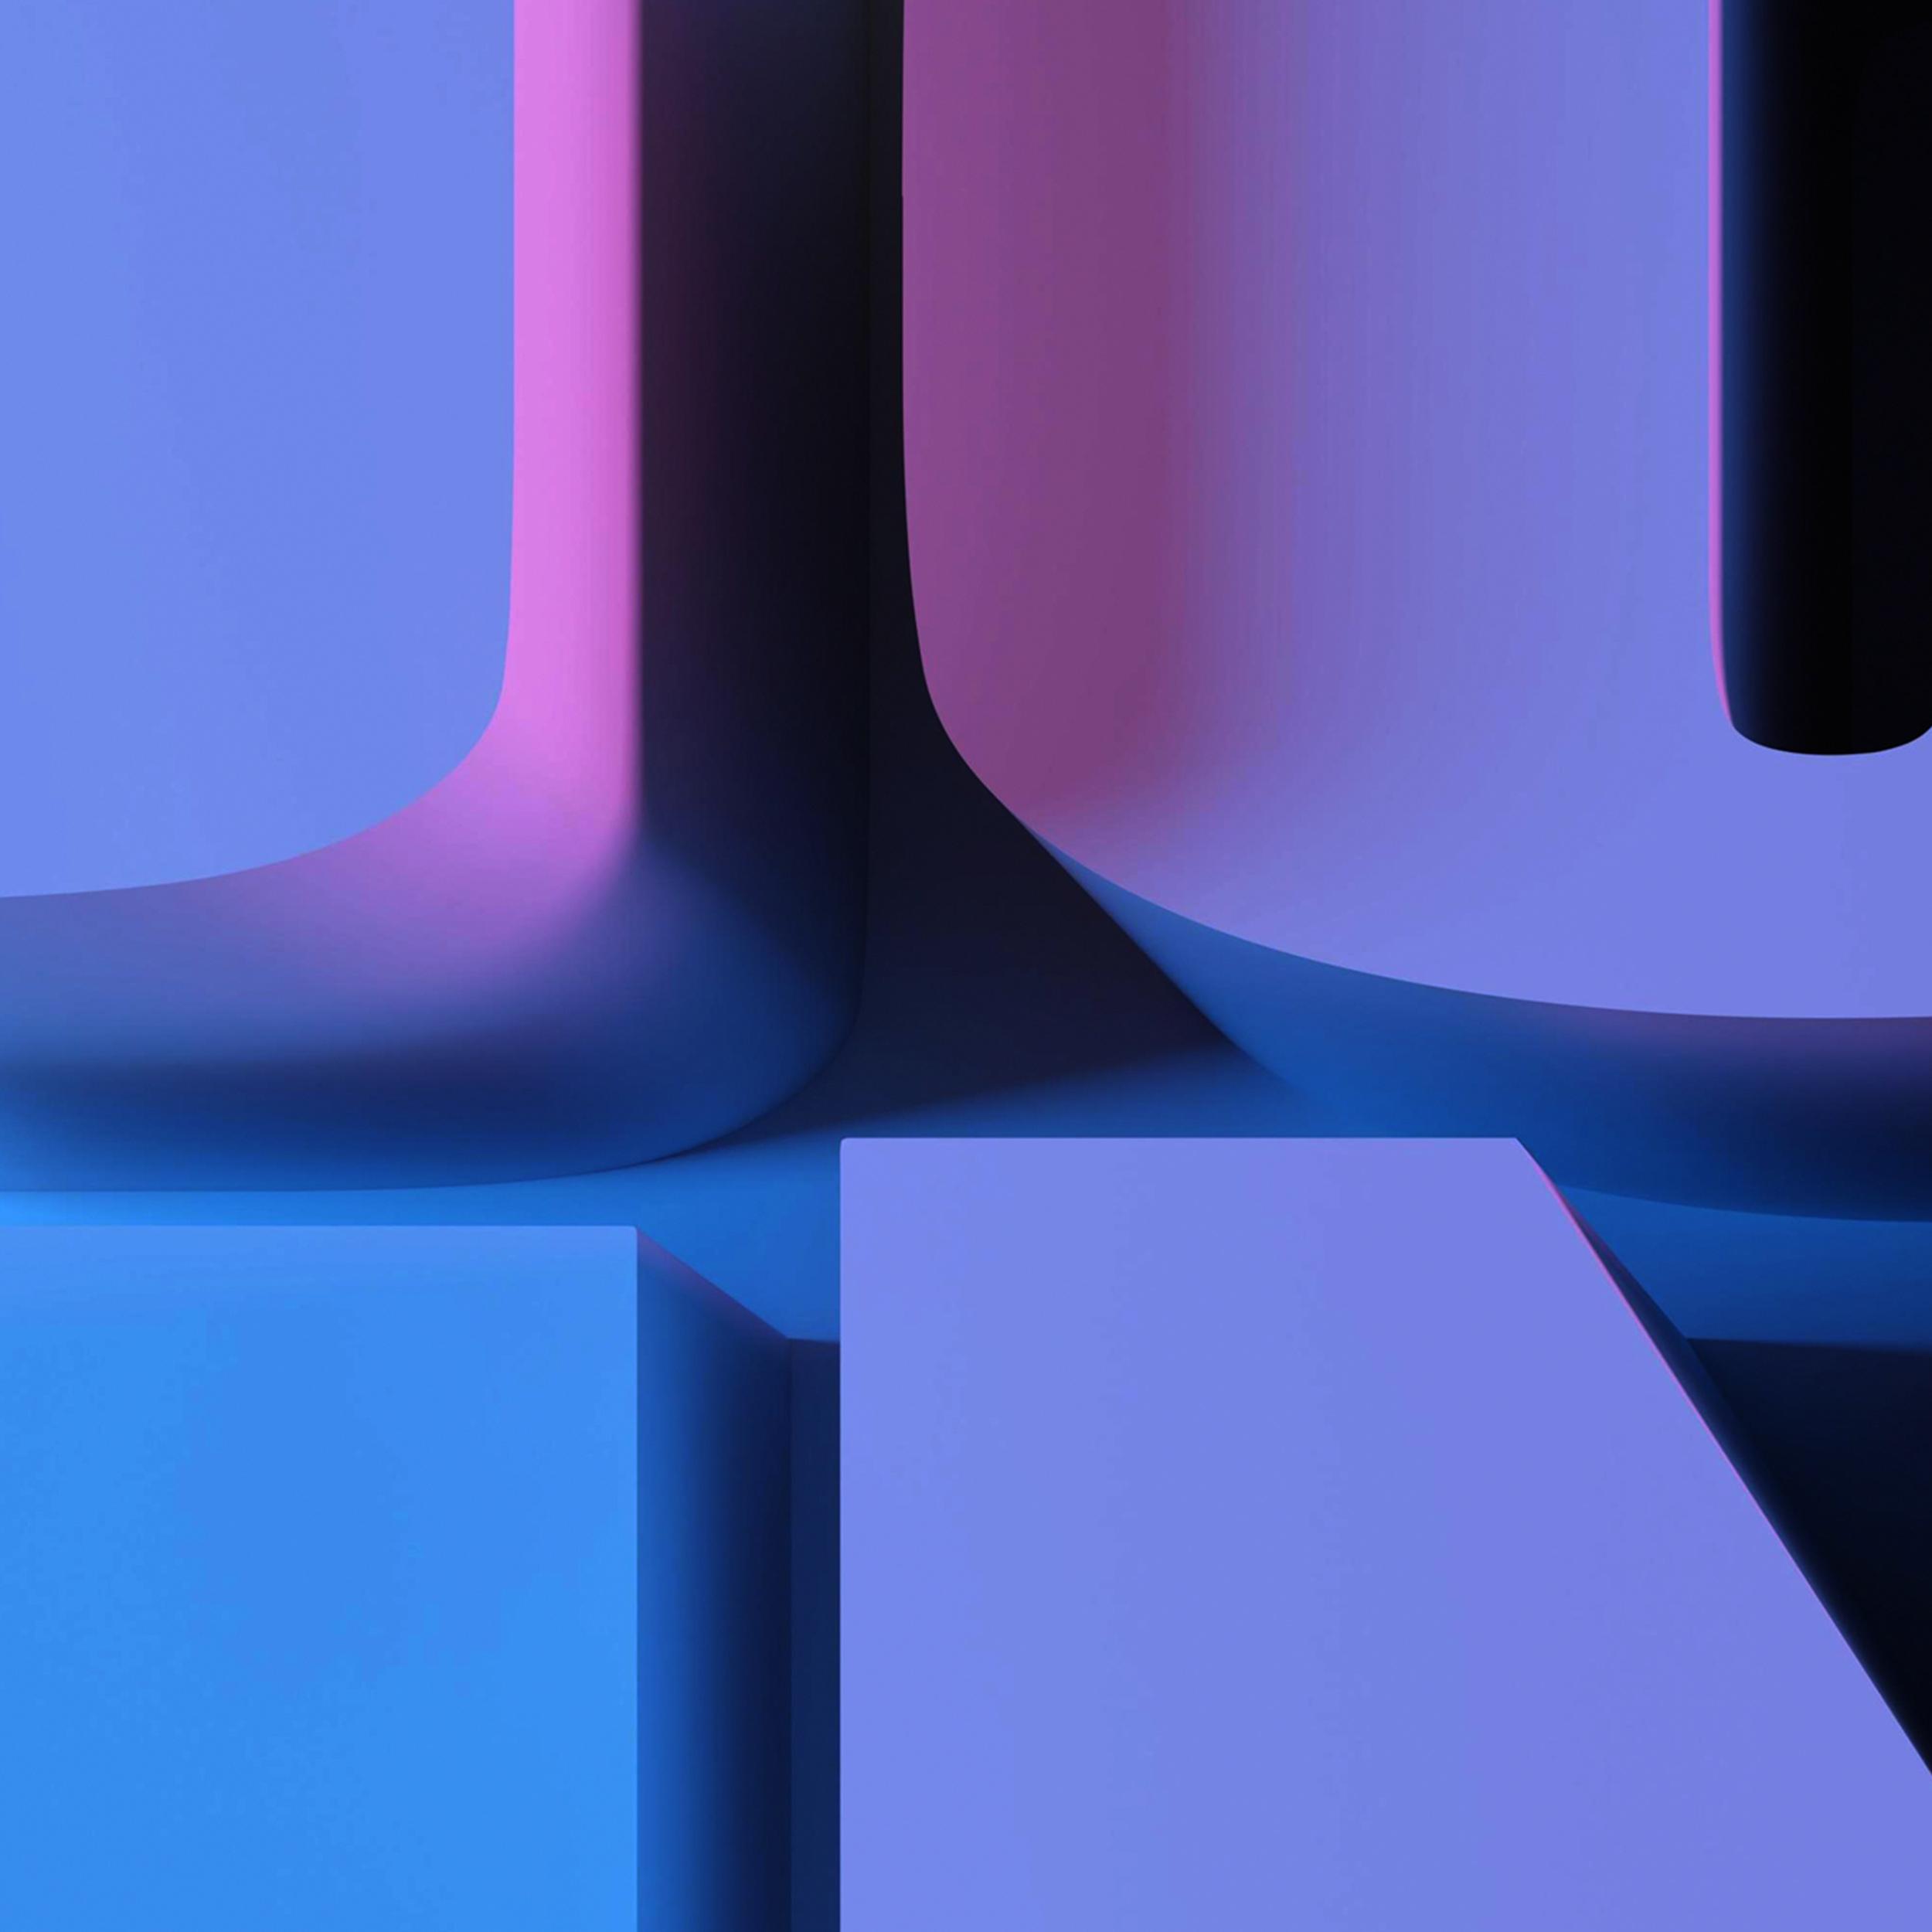 Indexbild 19 - Leinwand DEKO BILDER Spieler PlayStation Wandbild XXL Wohnzimmer Abstrakt 4Motiv